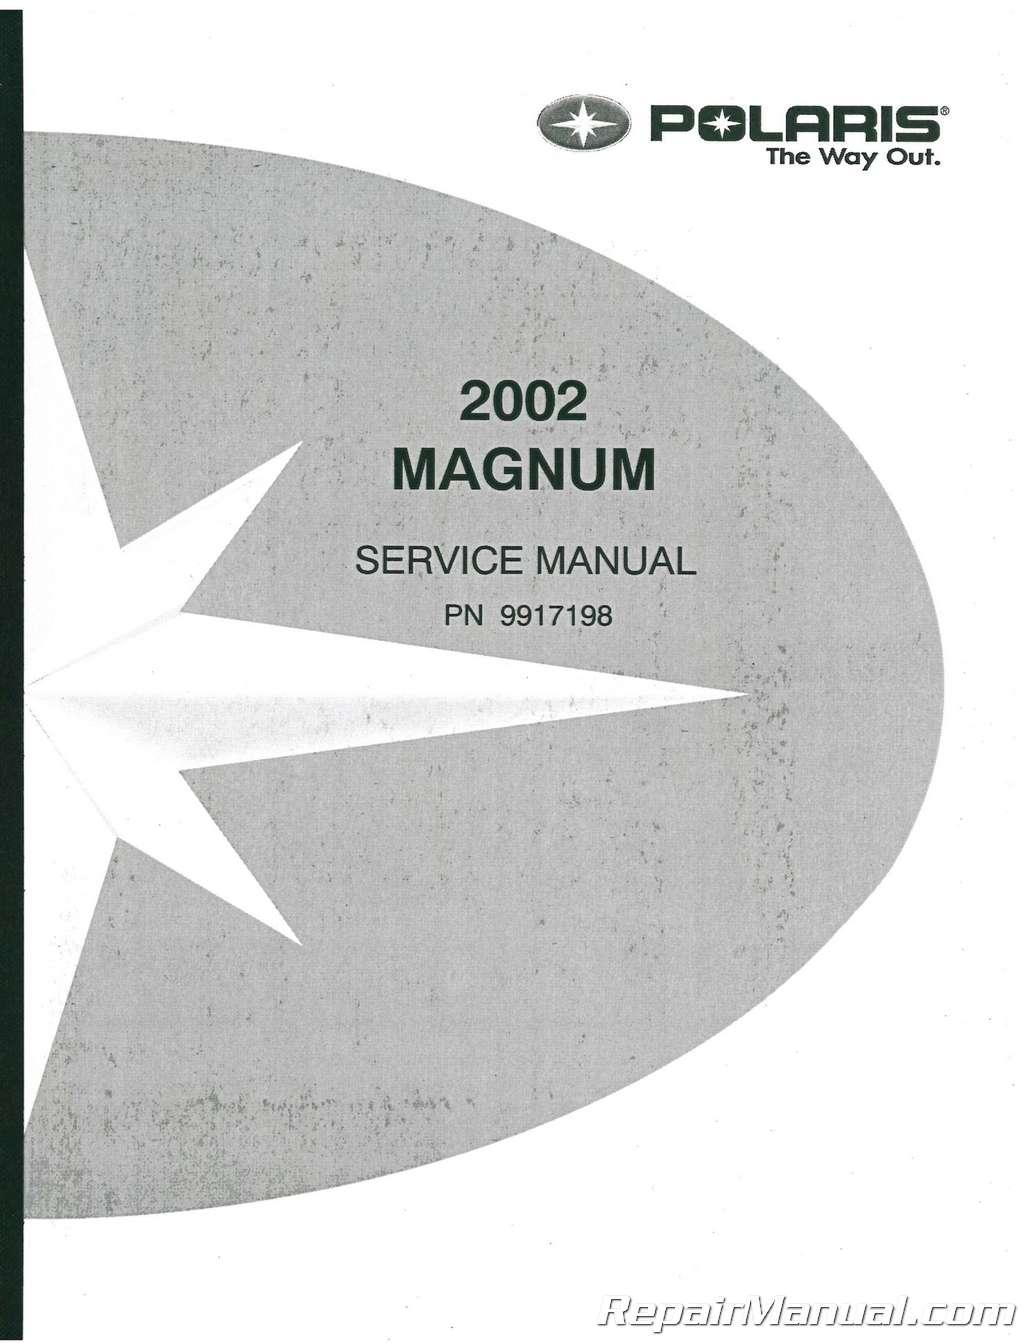 2002 Polaris MAGNUM 325 500 ATV Service Manual